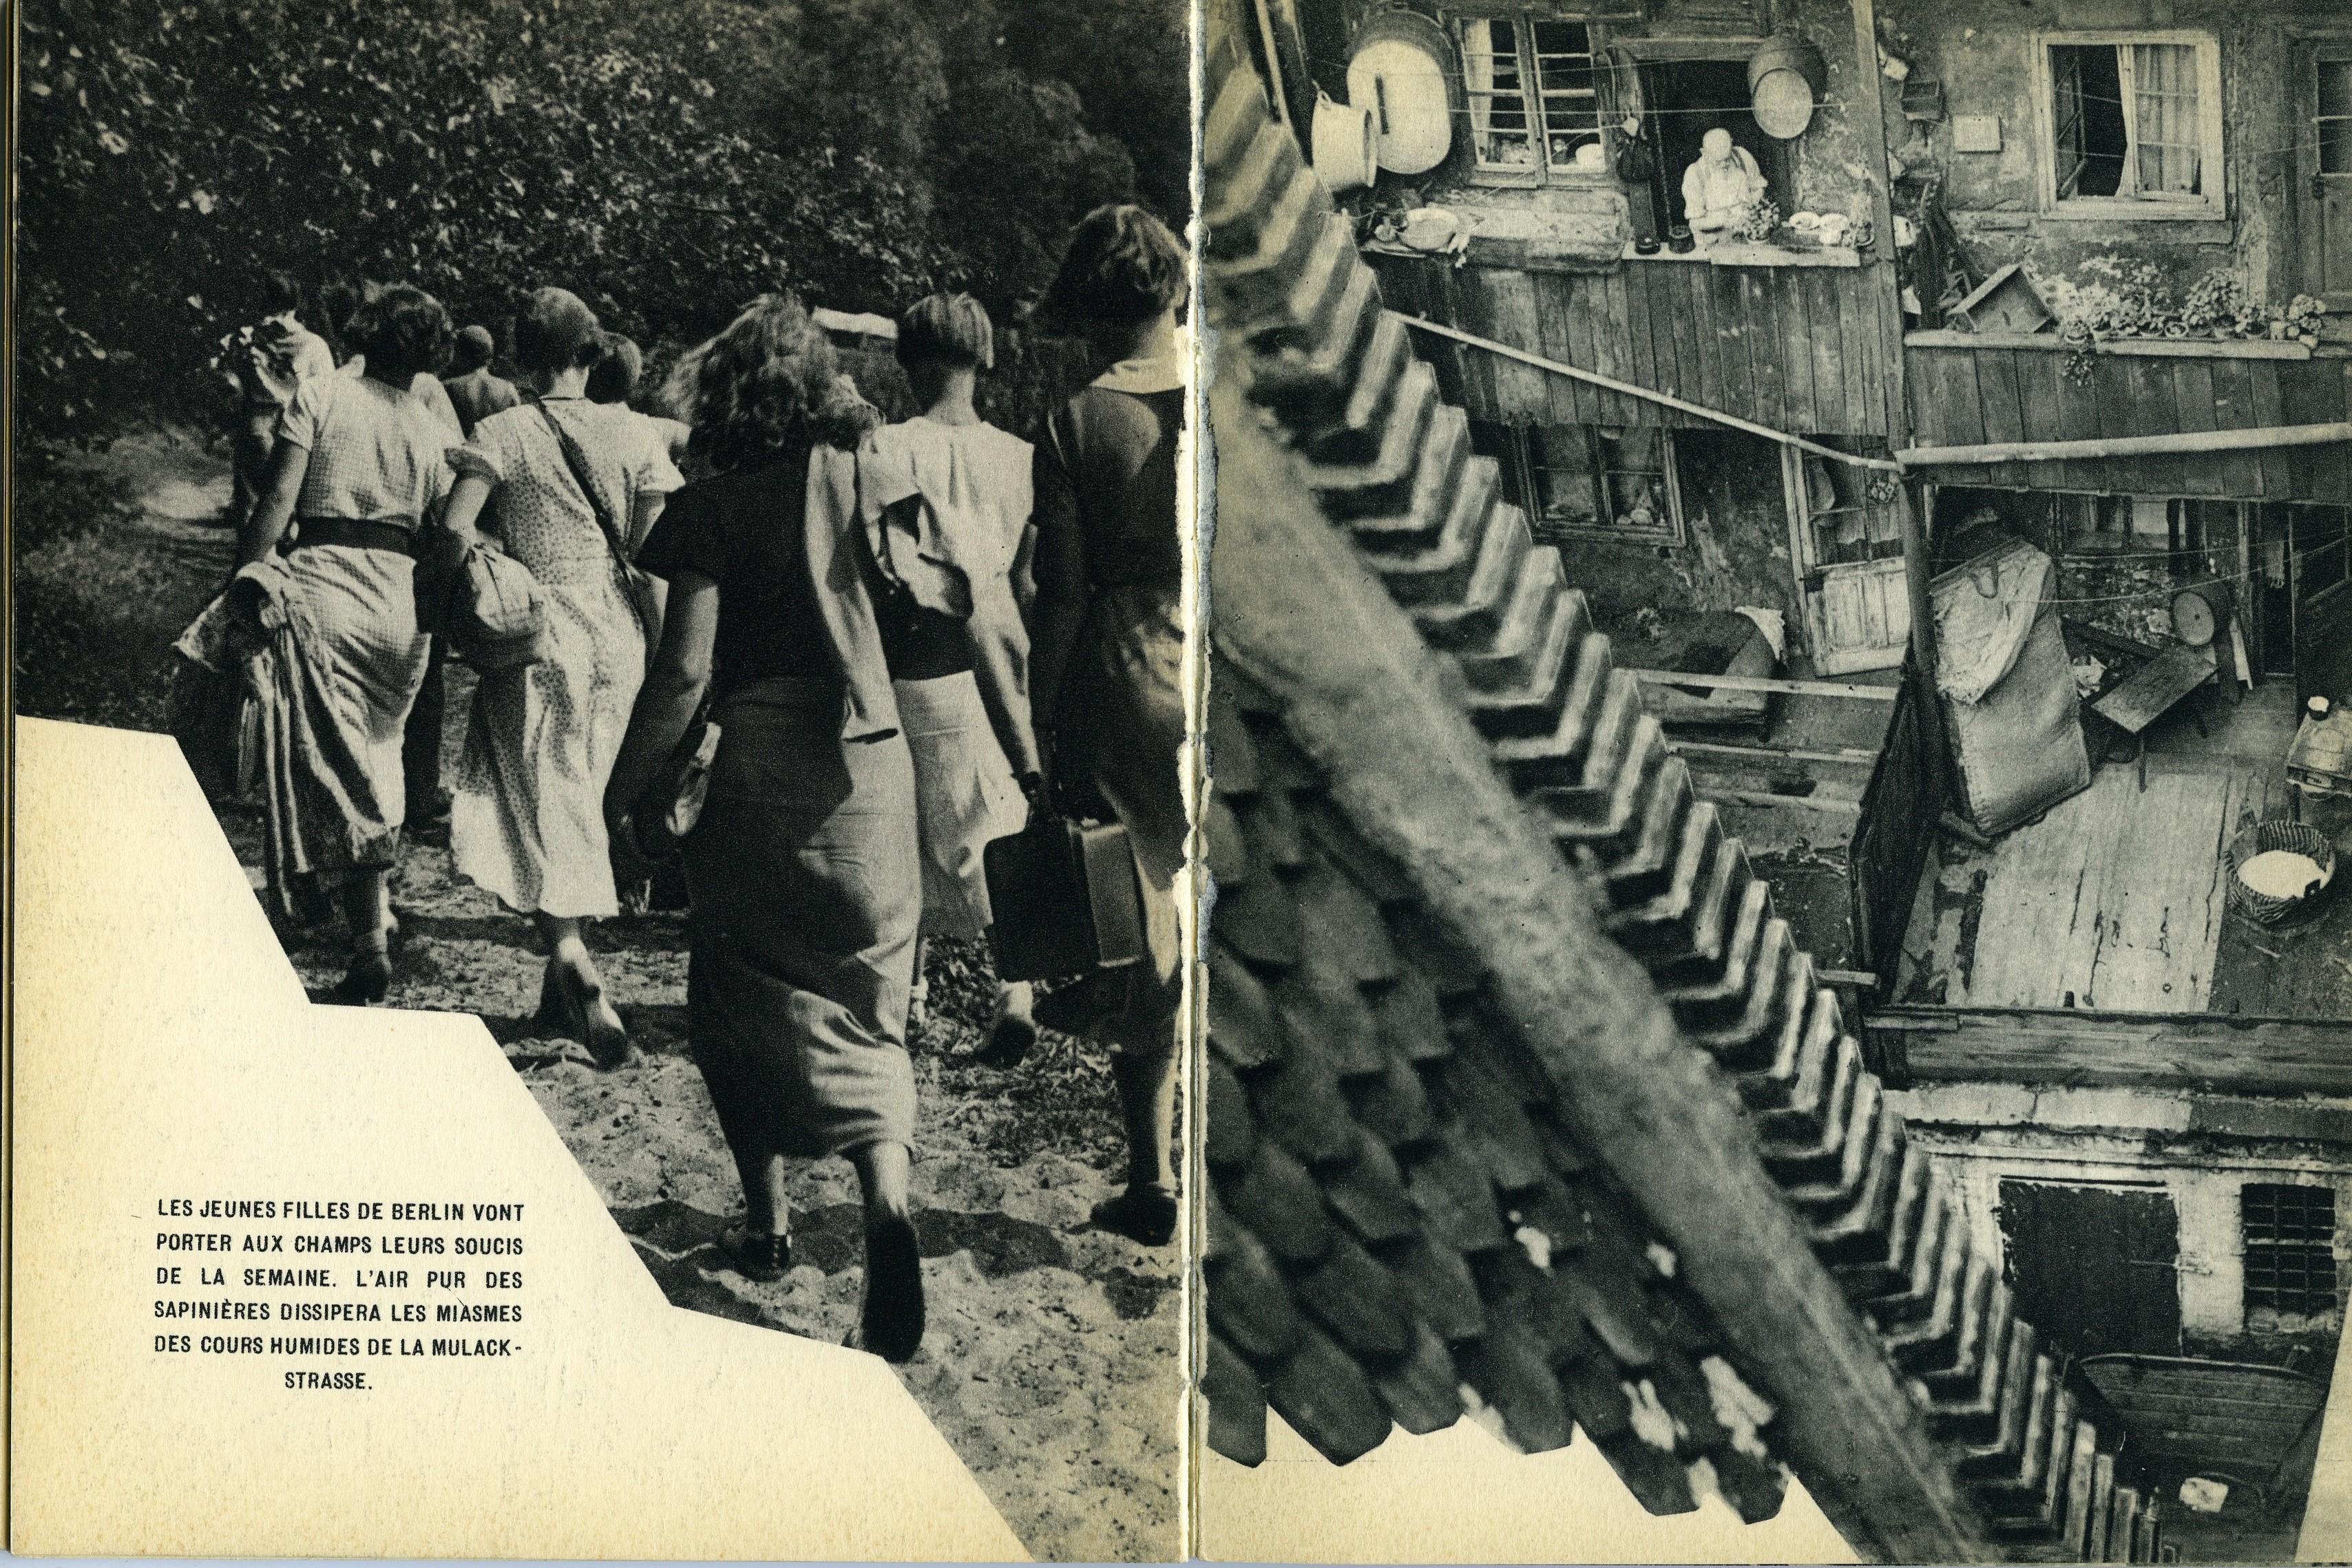 Берлинские барышни на свежем воздухе и двор Мулакштрассе. Из фотокниги «Берлин», 1930-е. Автор Пьер Мак-Орлан